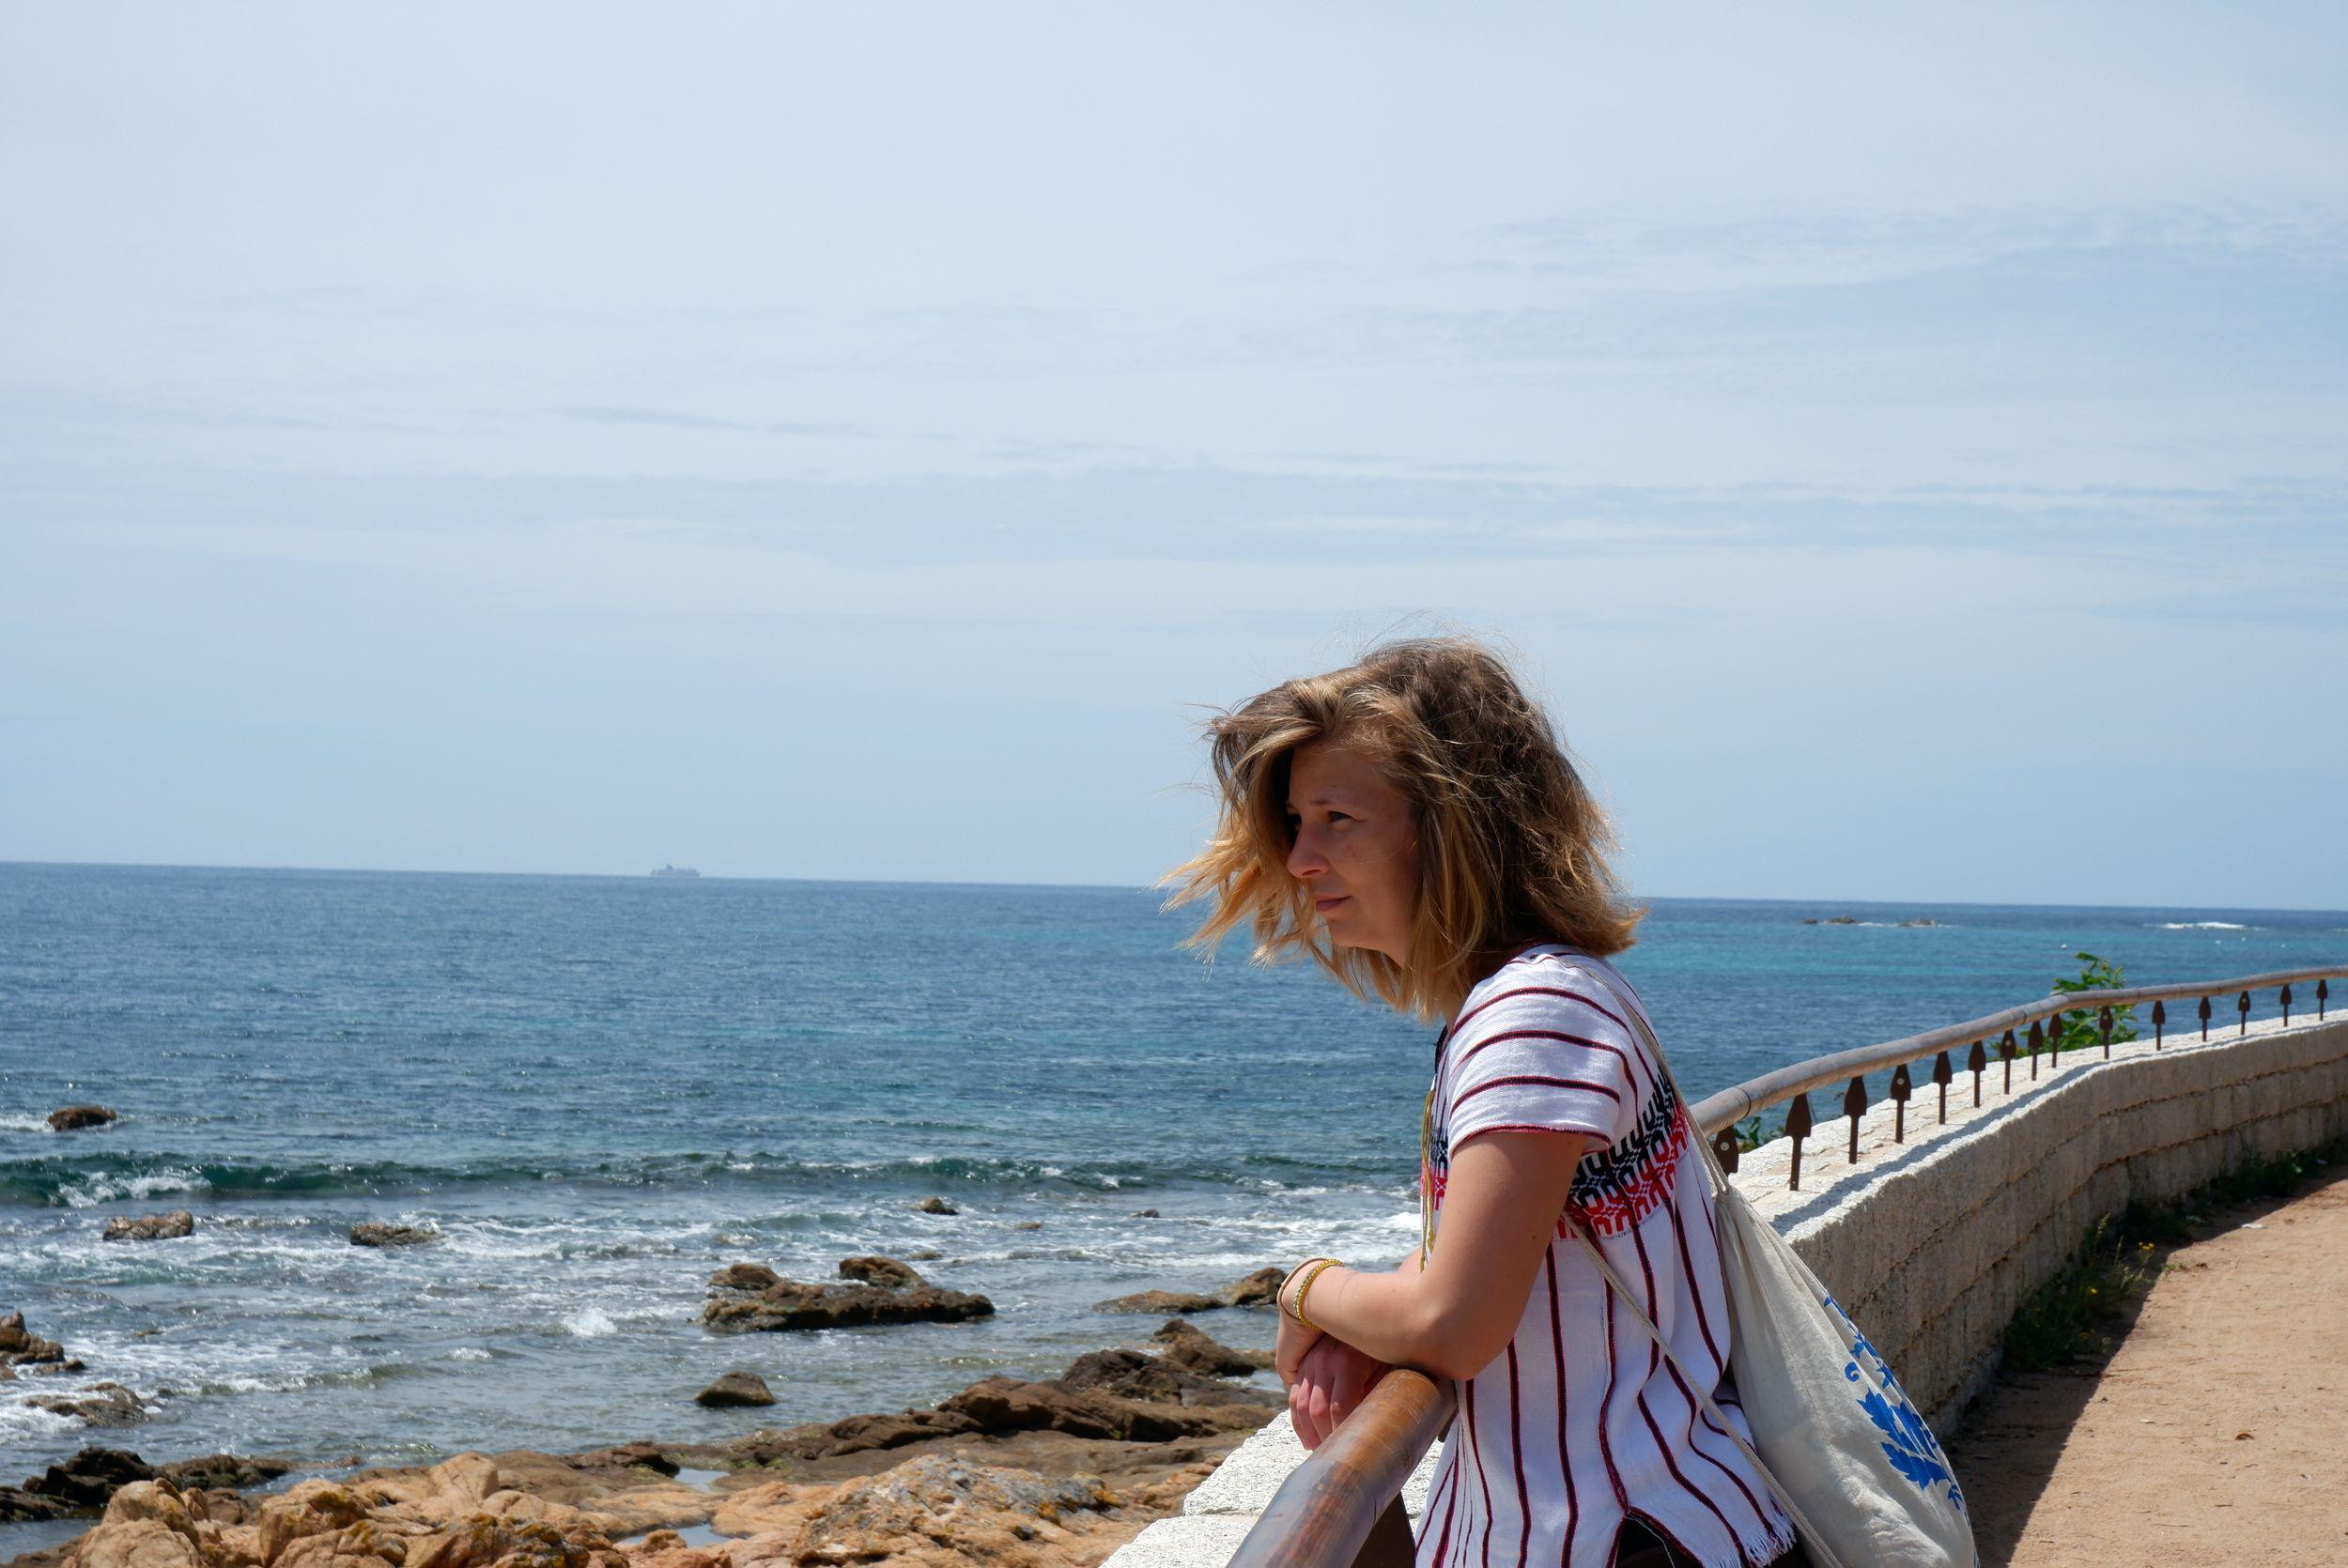 Justine au bord de l'eau